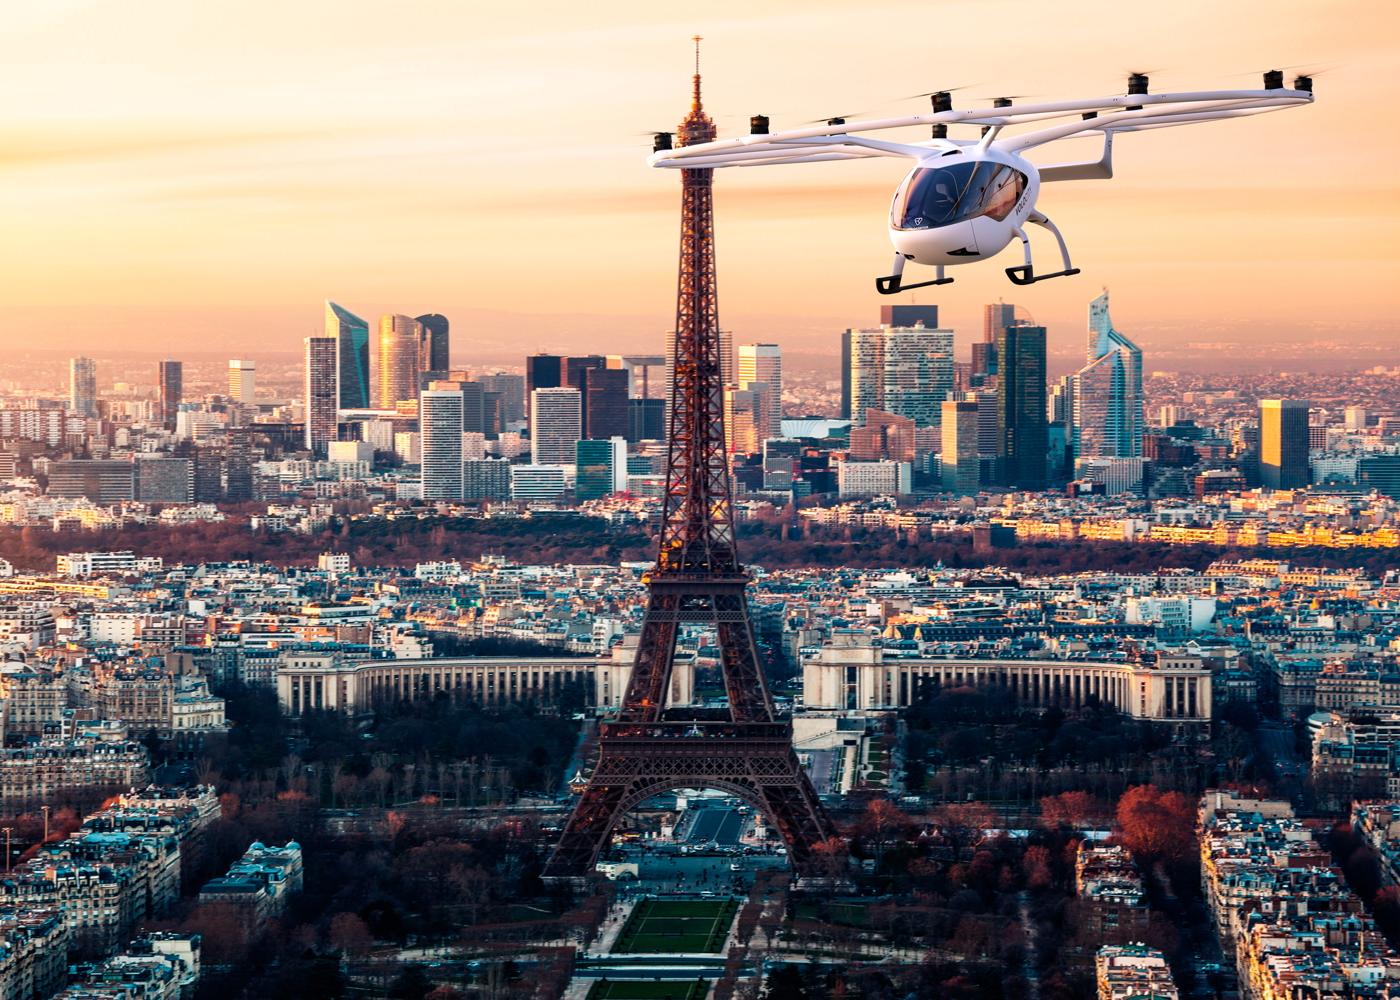 VoloCity Paris urban air mobility